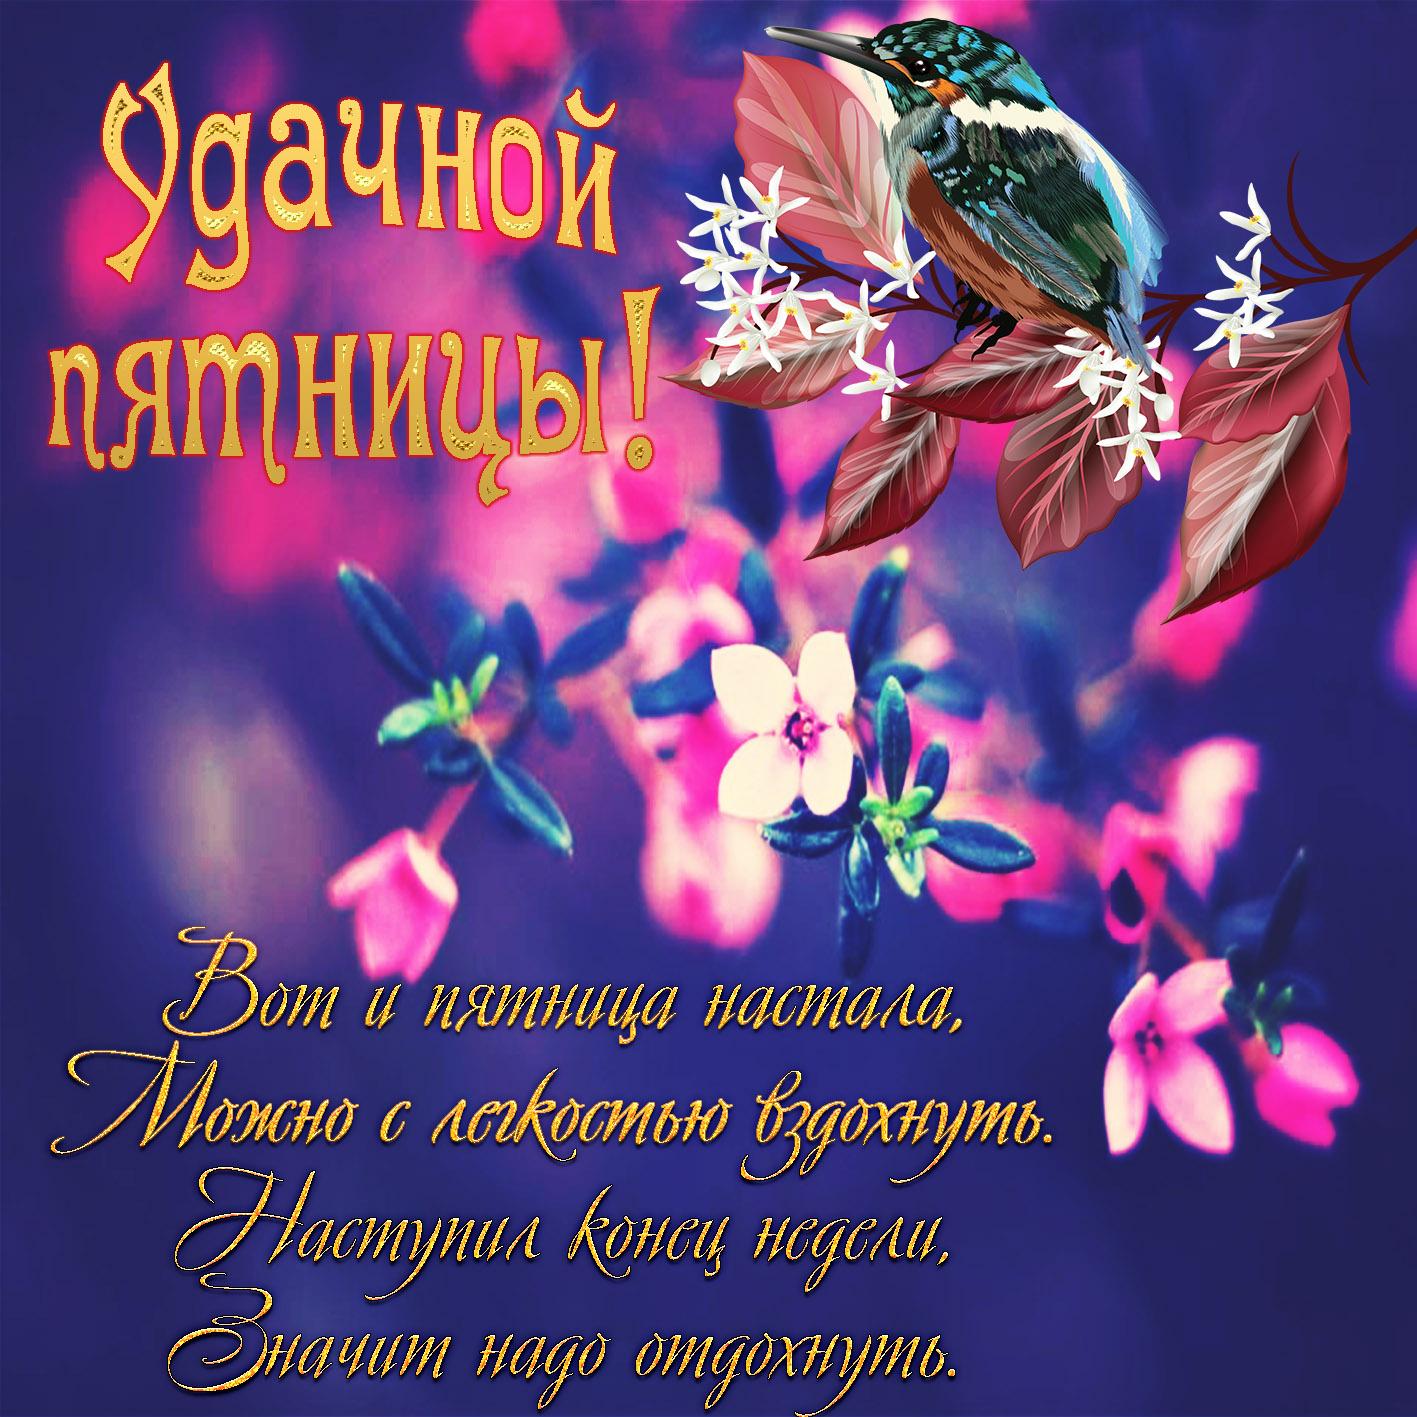 открытка отличной пятницы